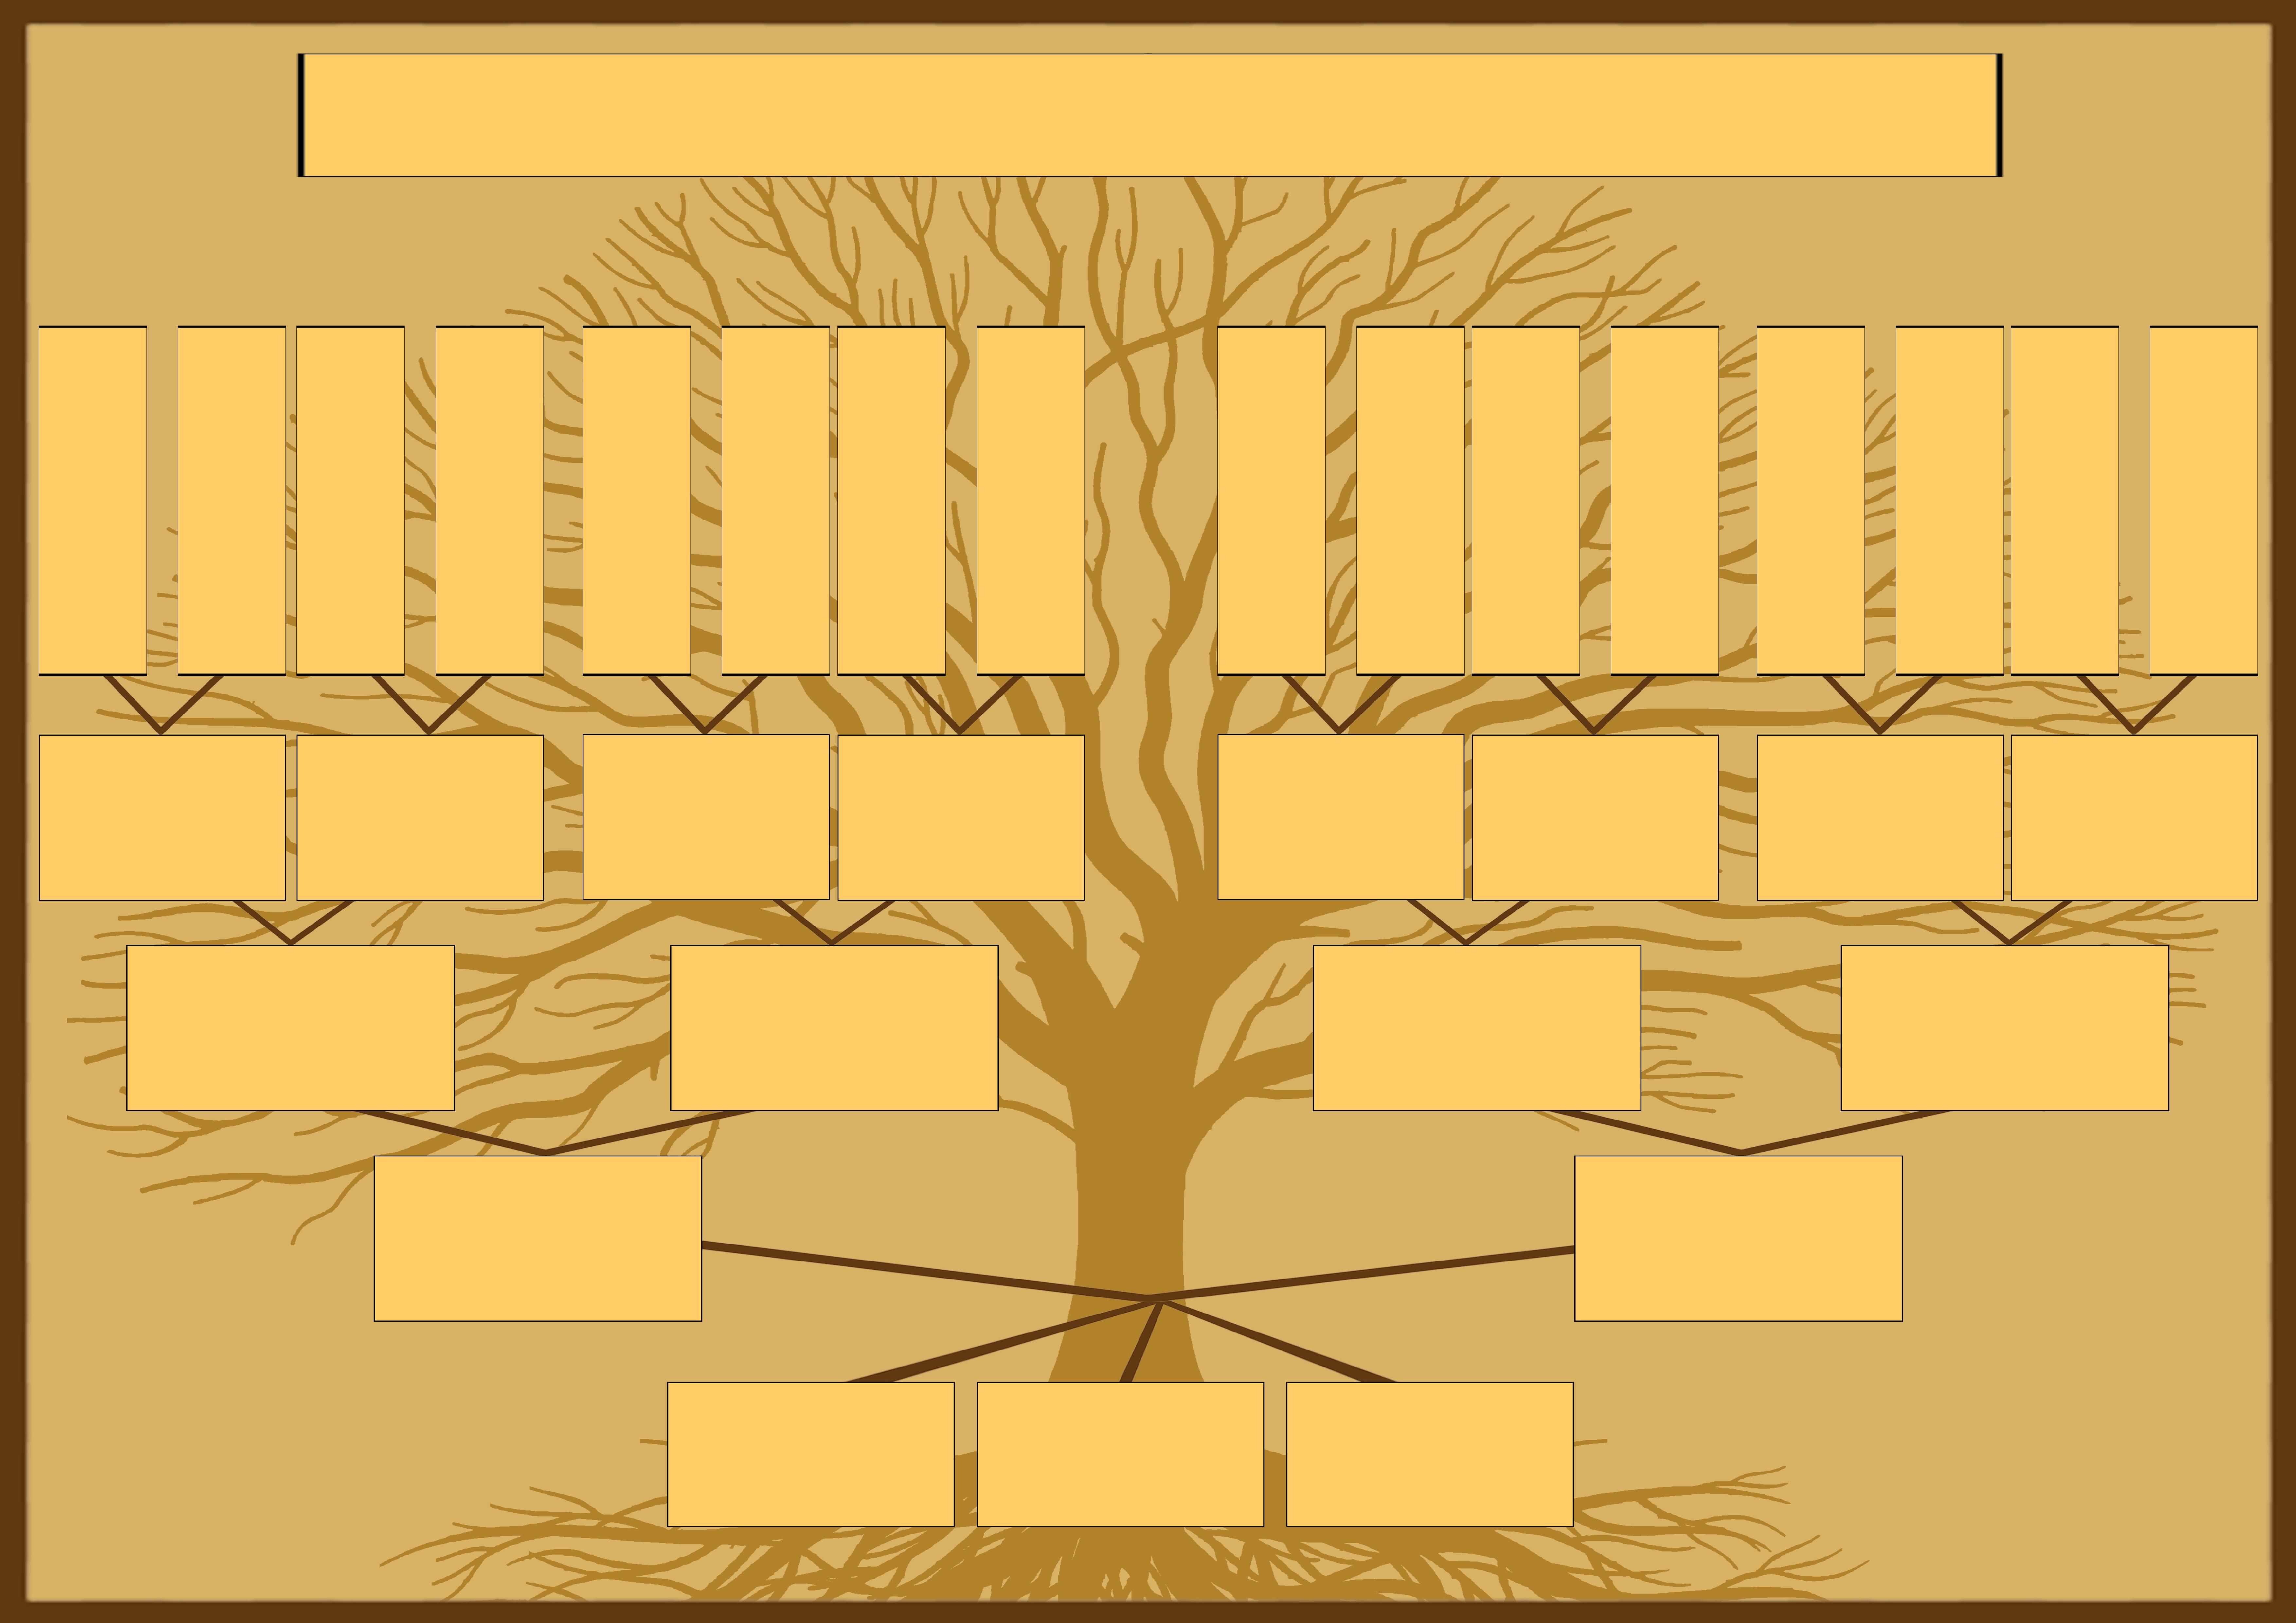 Шаблон семейного дерева для семьи с тремя детьми для самостоятельного заполнения